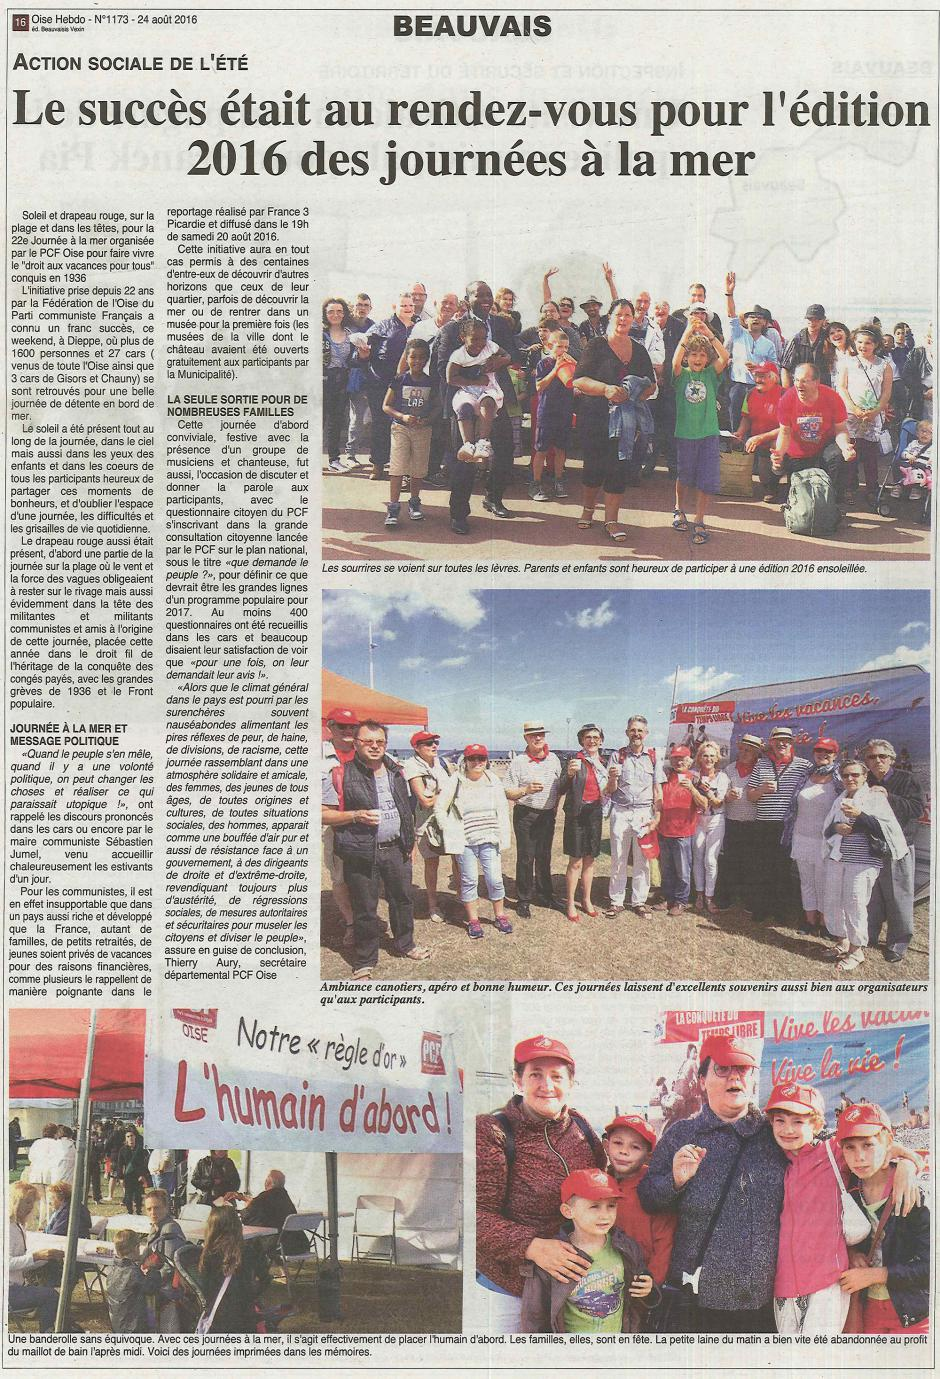 20160824-OH-Beauvais-Le succès était au rendez-vous pour l'édition 2016 des journées à la mer [édition Beauvaisis]